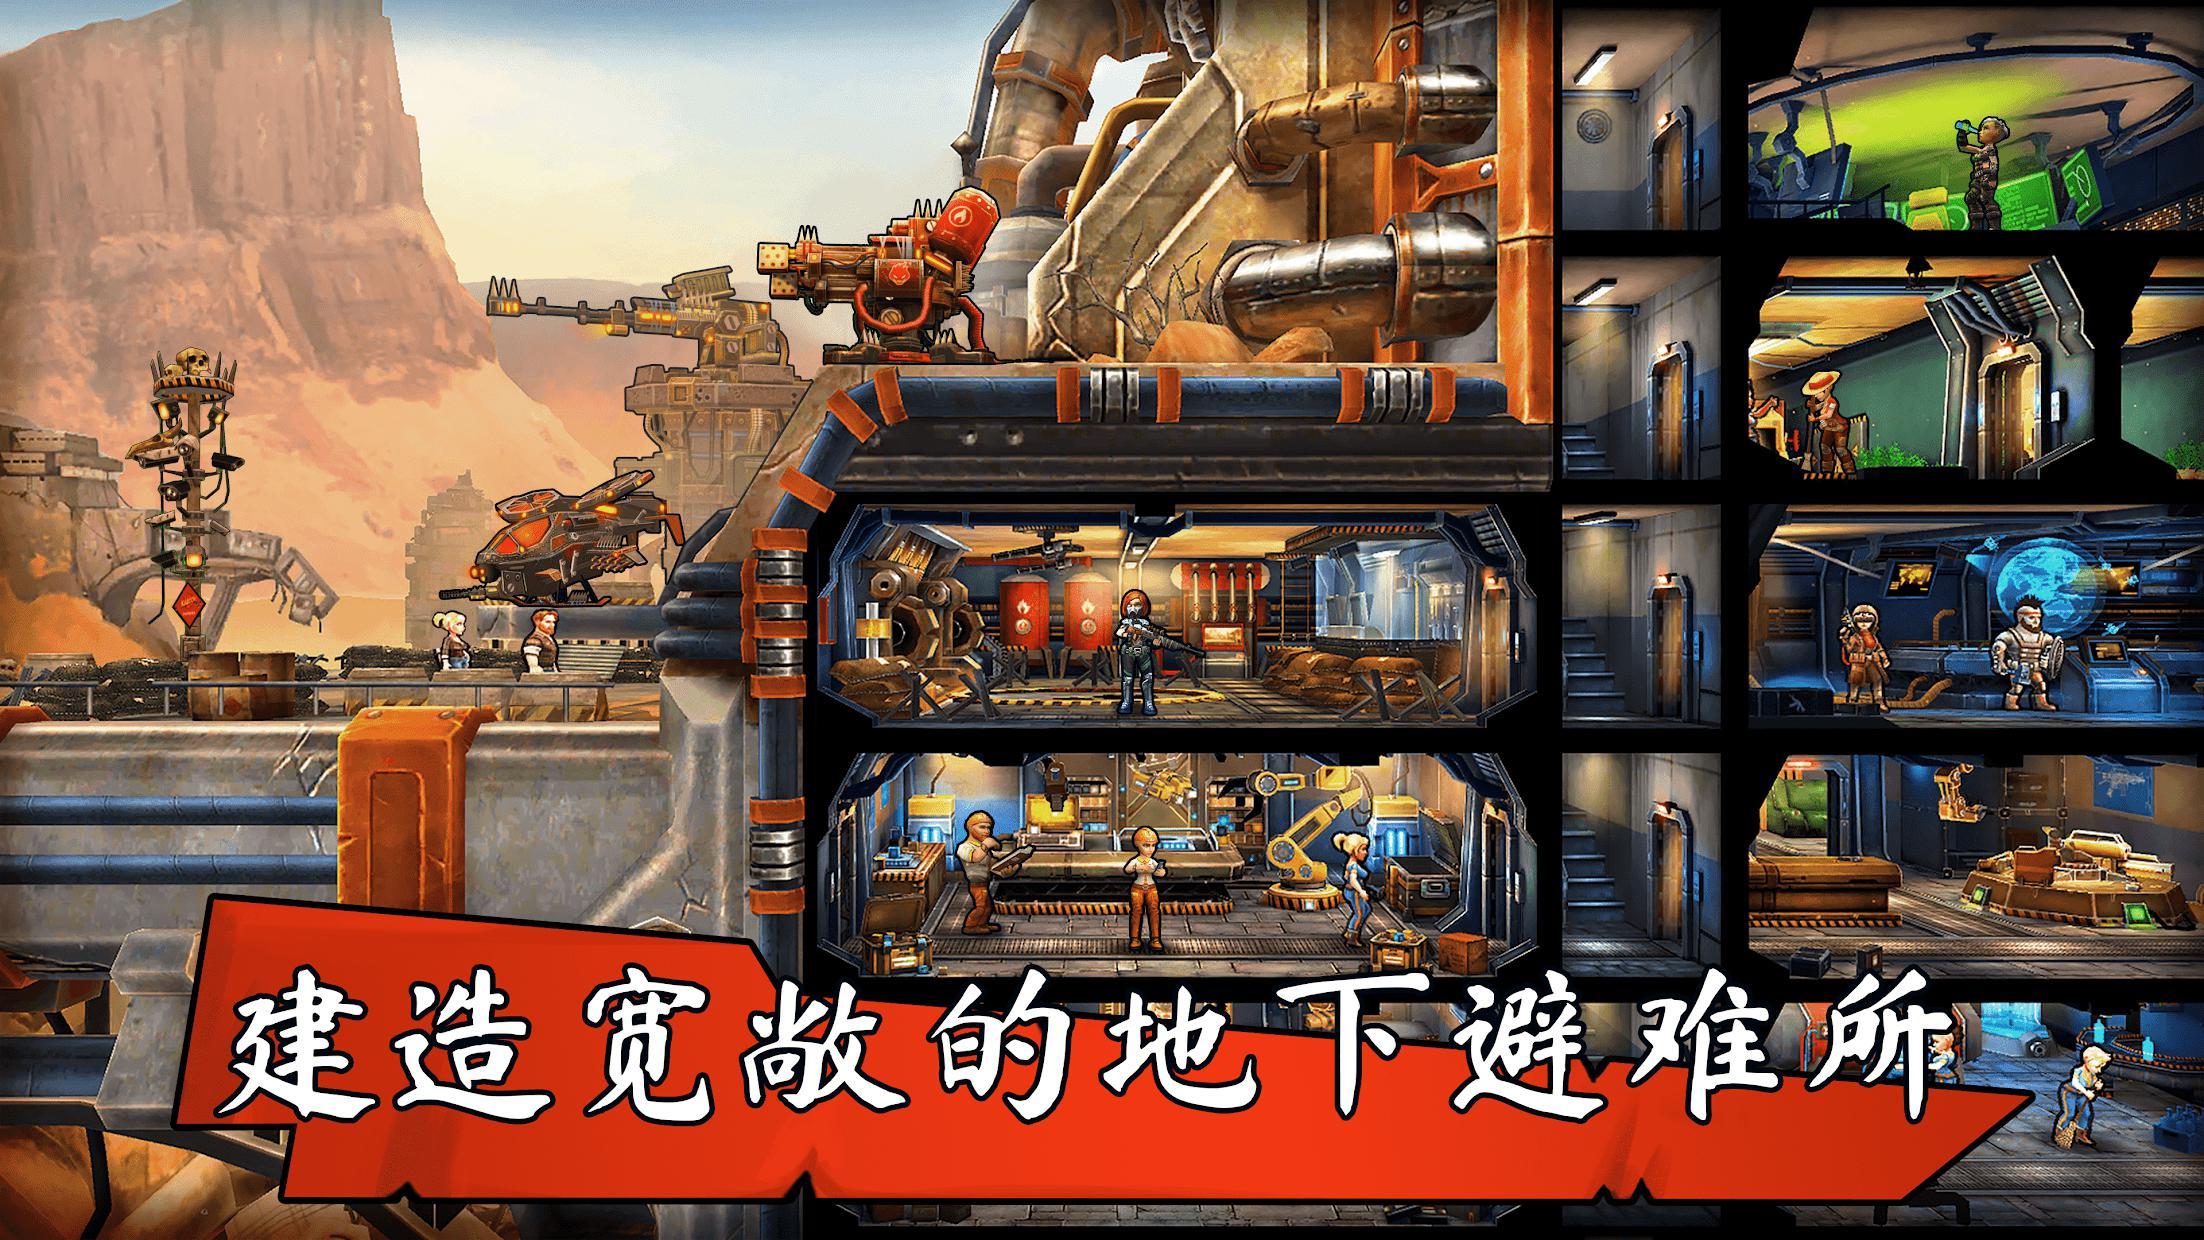 避难所战争:末日后的最终城市 游戏截图1